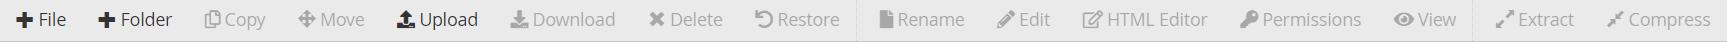 Menu manajemen file dan folder file manager cPanel